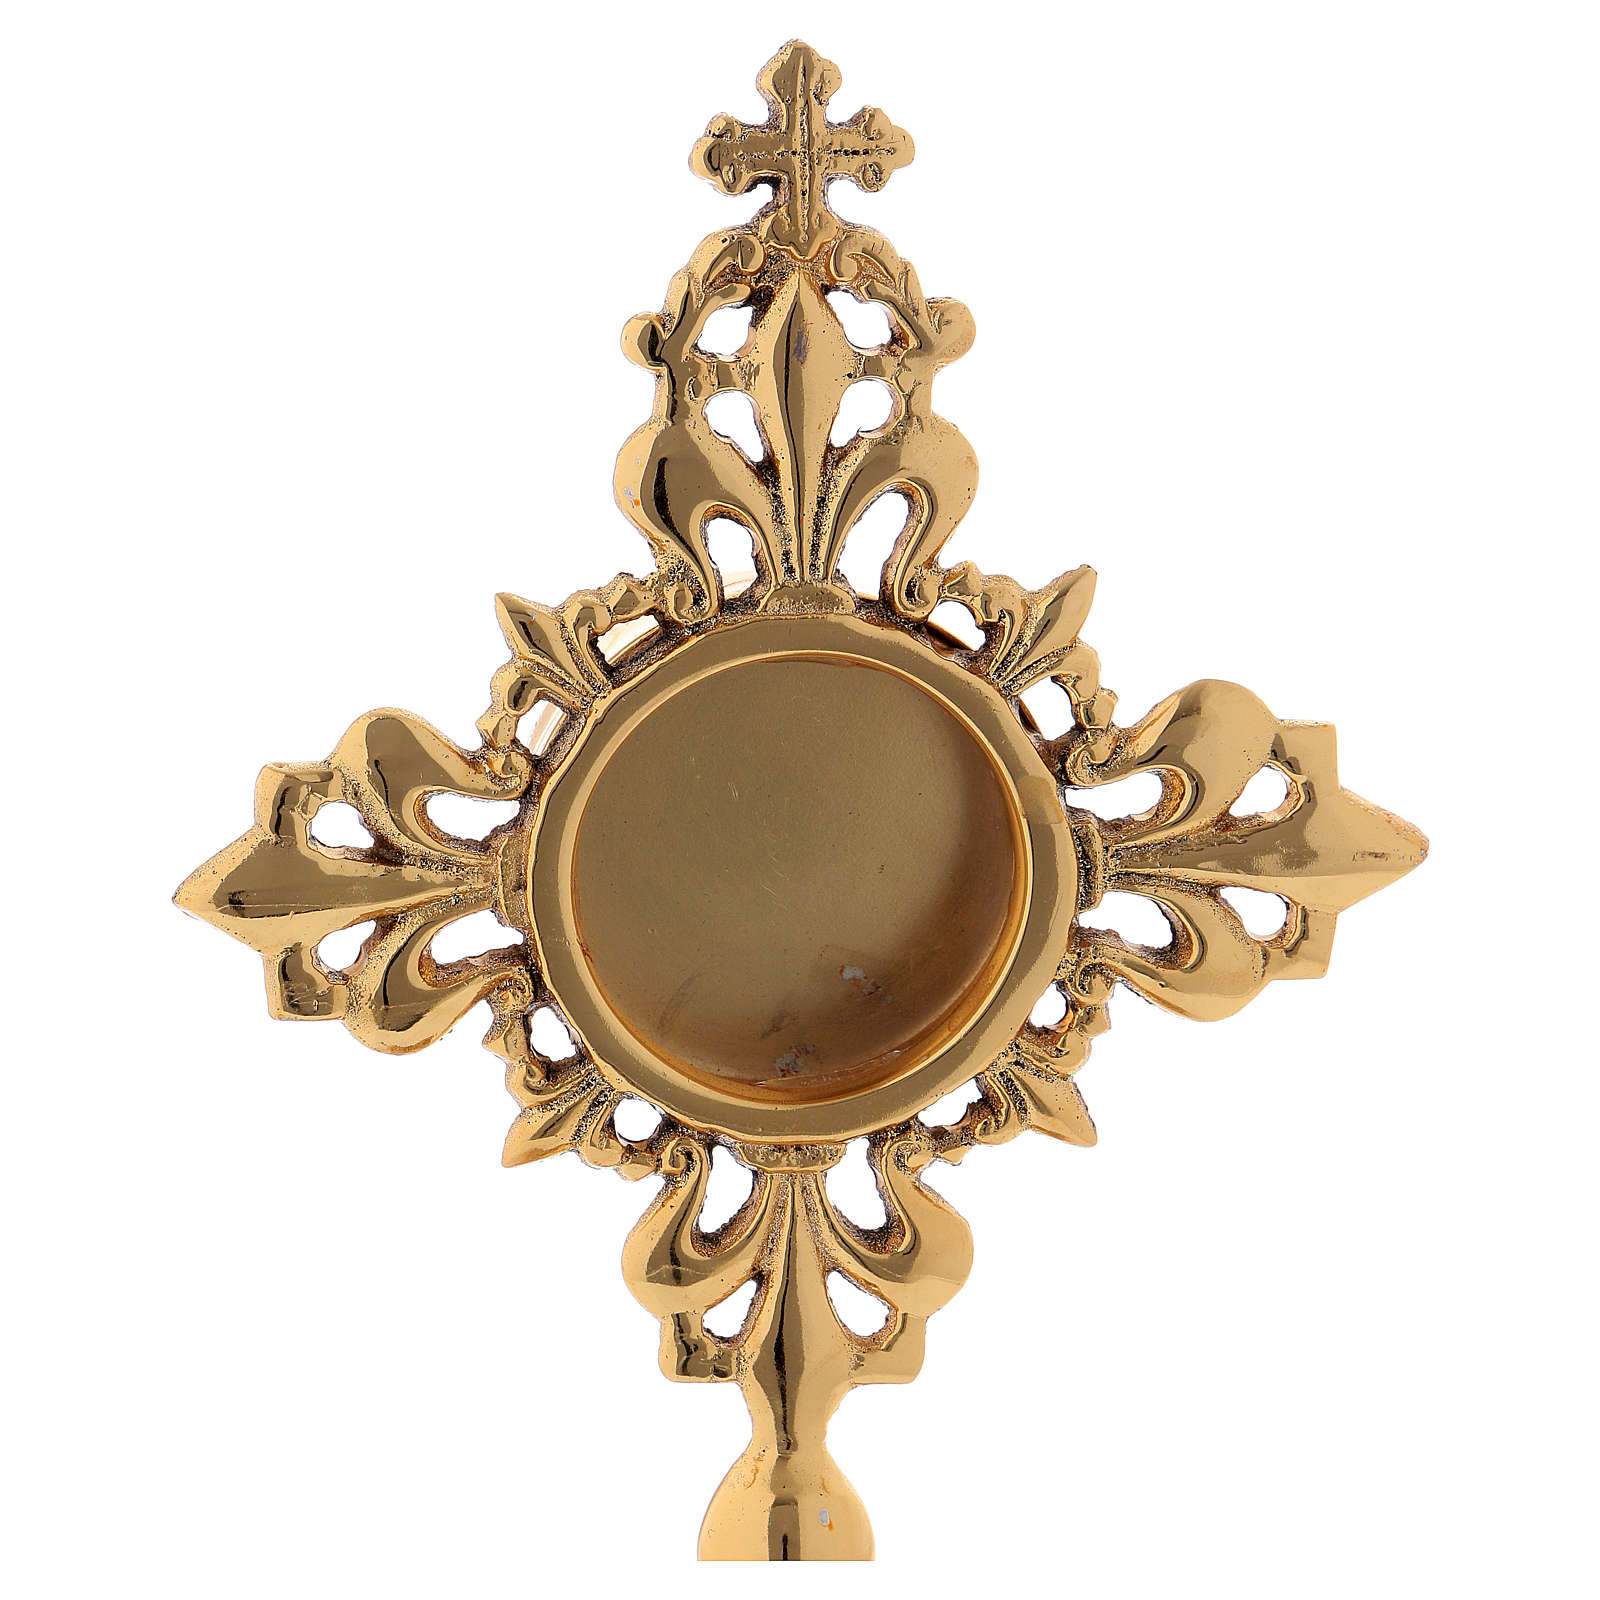 Reliquiario intarsiato ottone dorato 20 cm 4